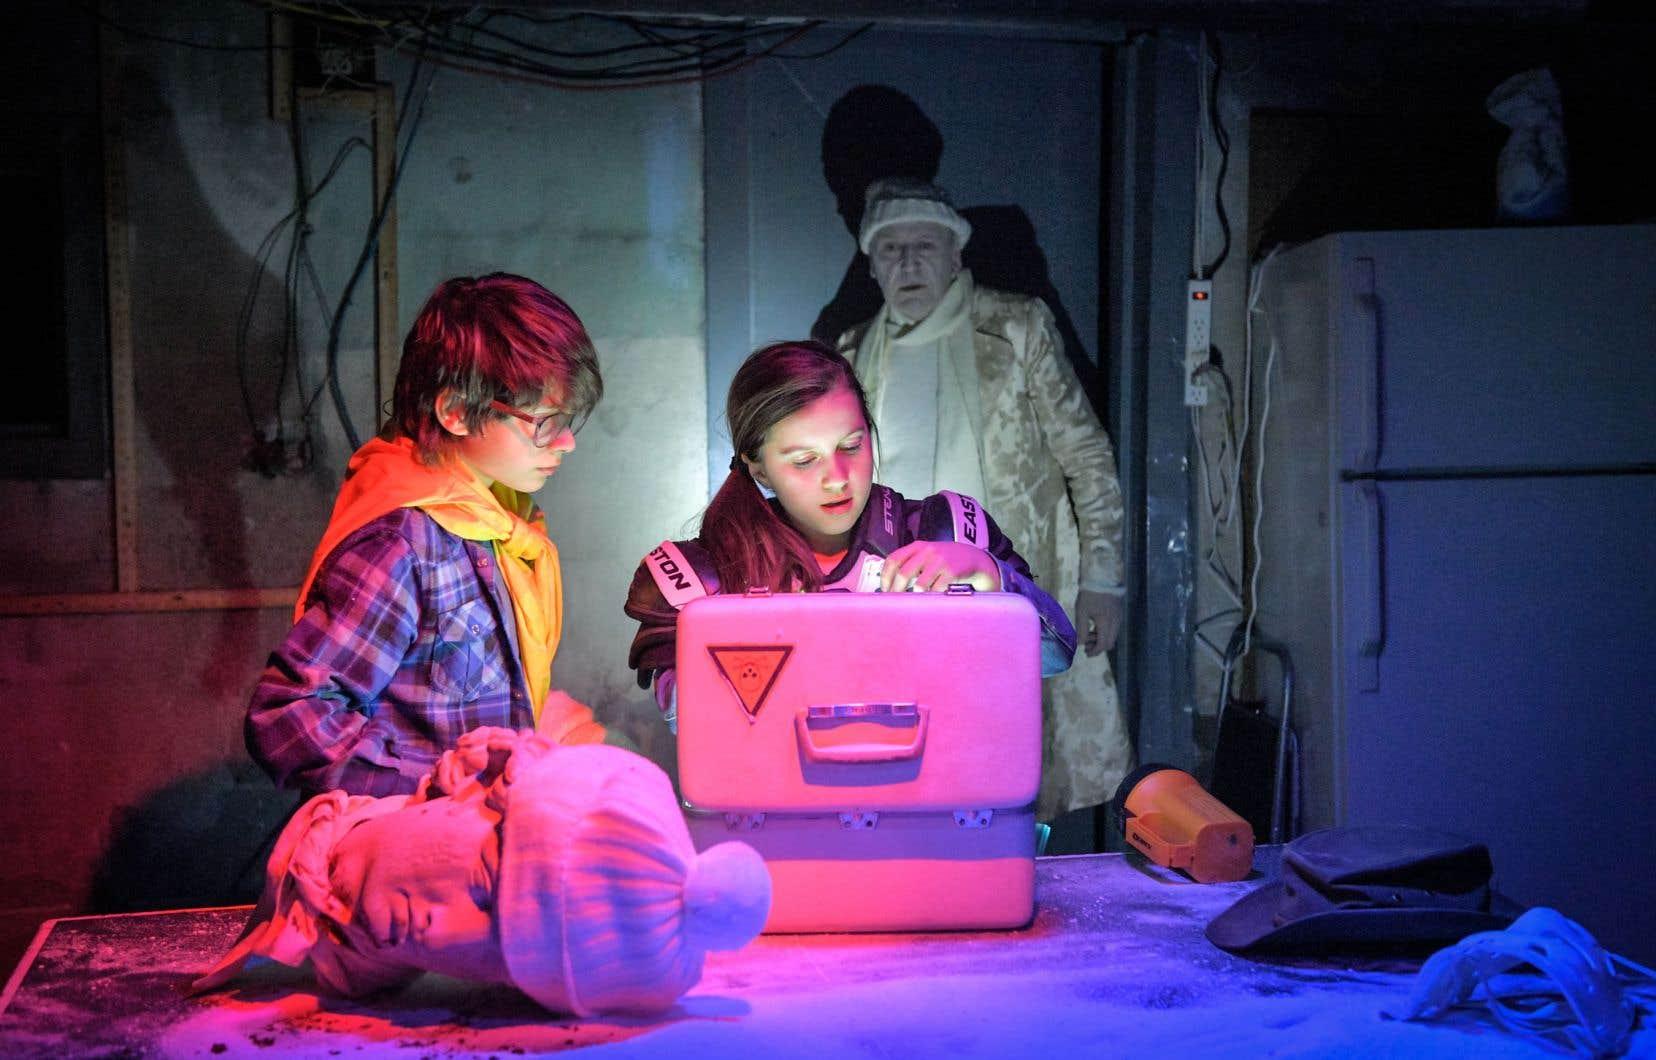 Le spectacle immersif met en scène de jeunes contemporains, Cindy et Carl, fascinés par les héros de Cocteau.